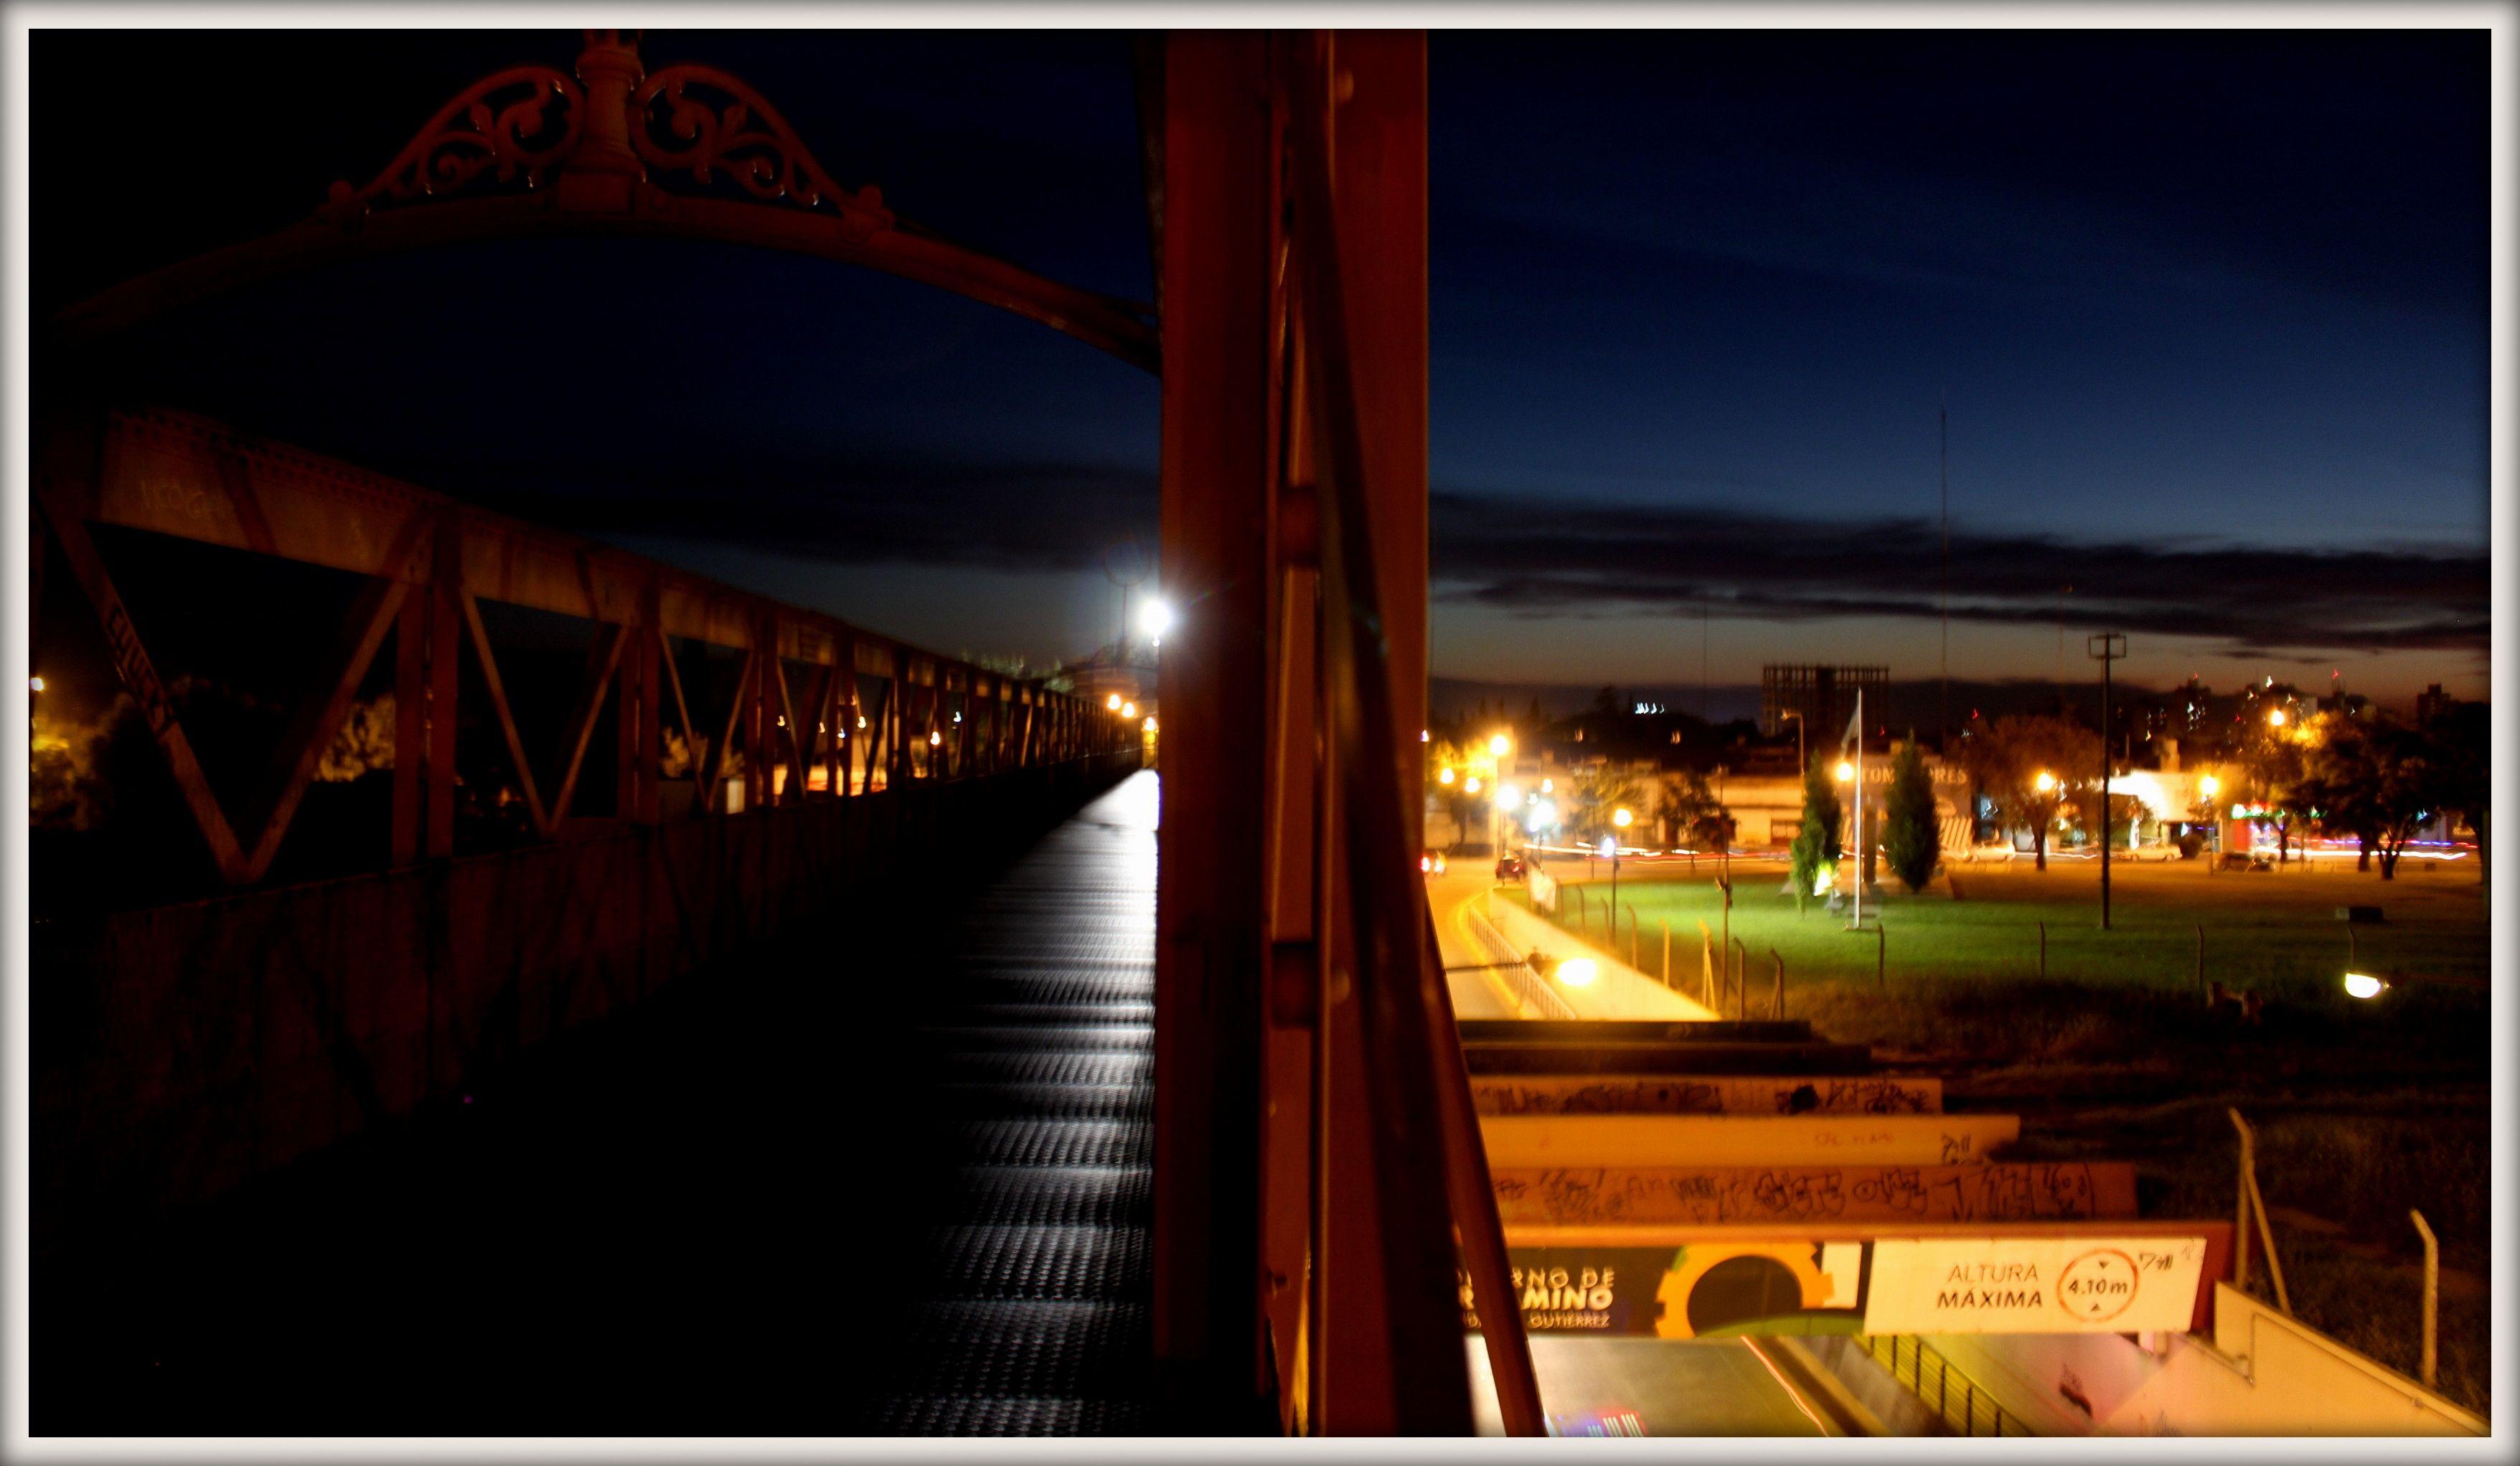 Dos miradas: El puente de hierro y el Viaducto que unen el centro de la ciudad con el barrio Acevedo